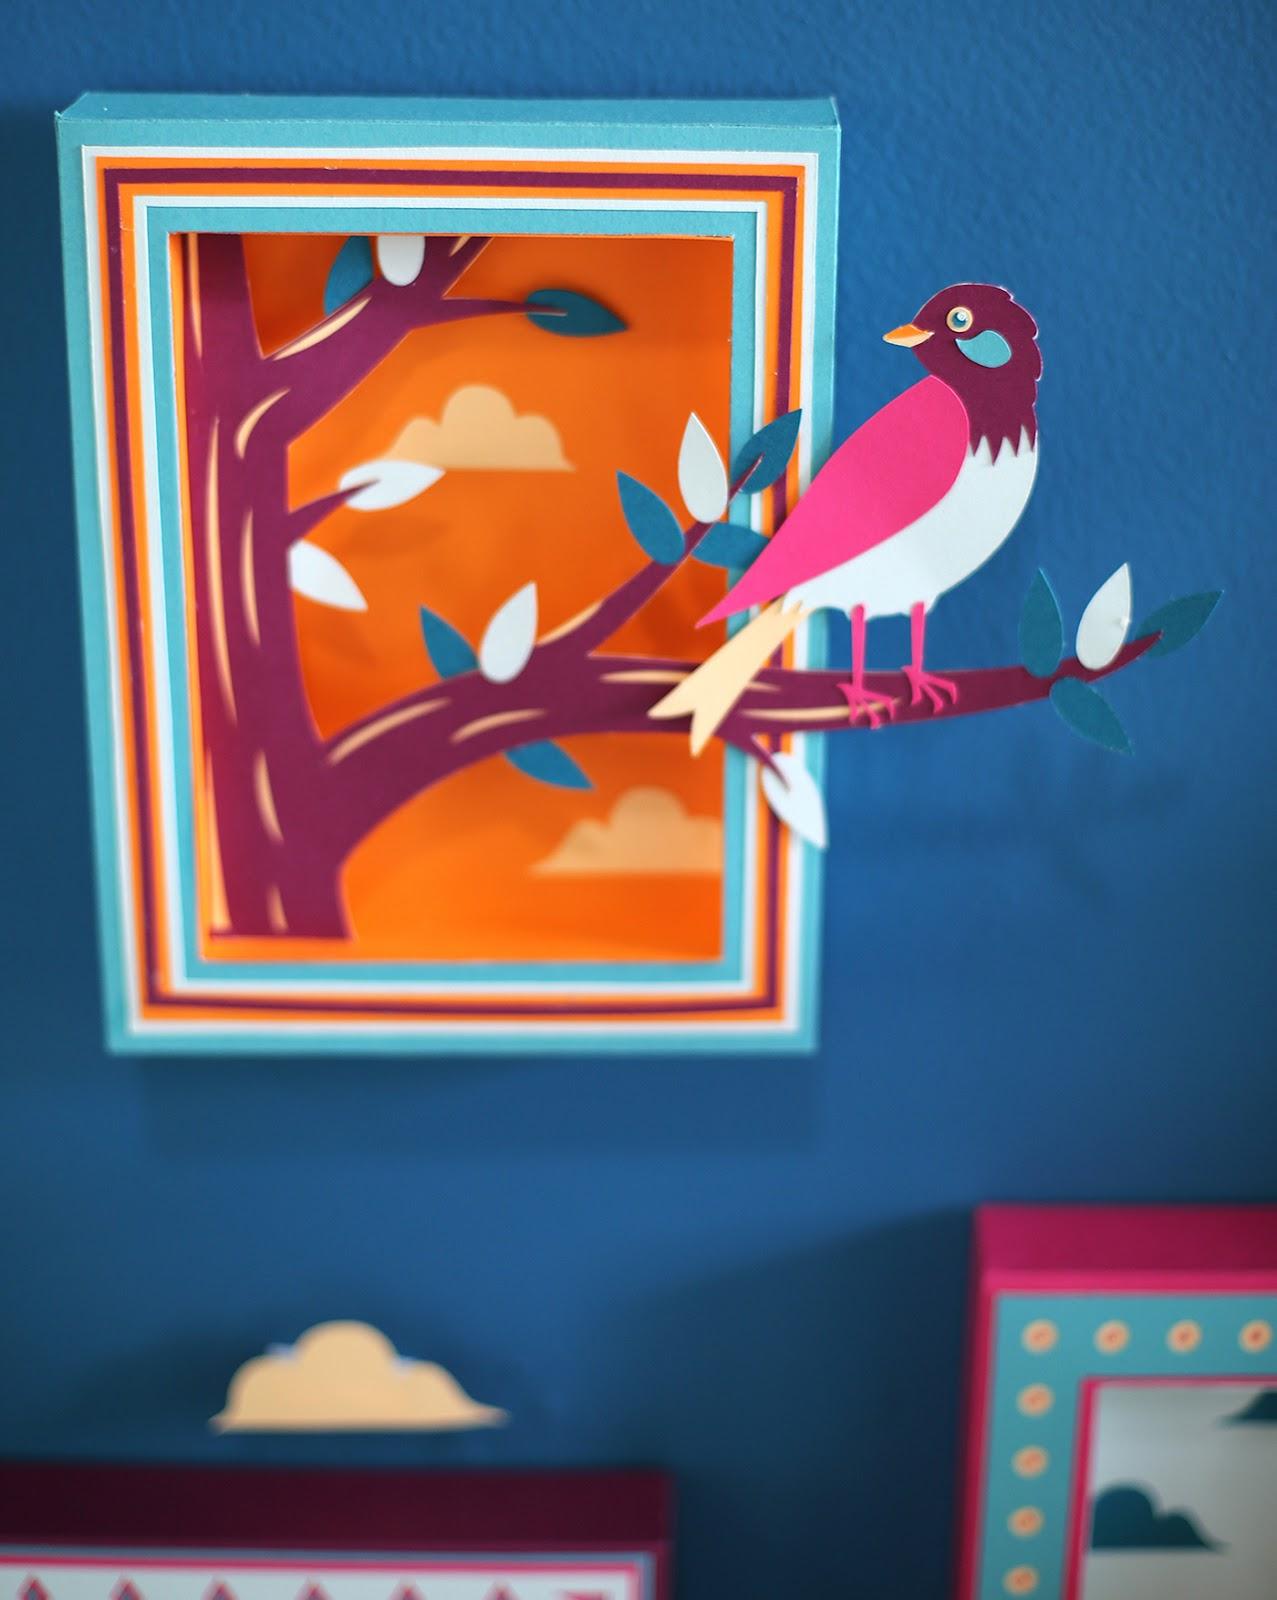 Image may contain: bird, wall and cartoon